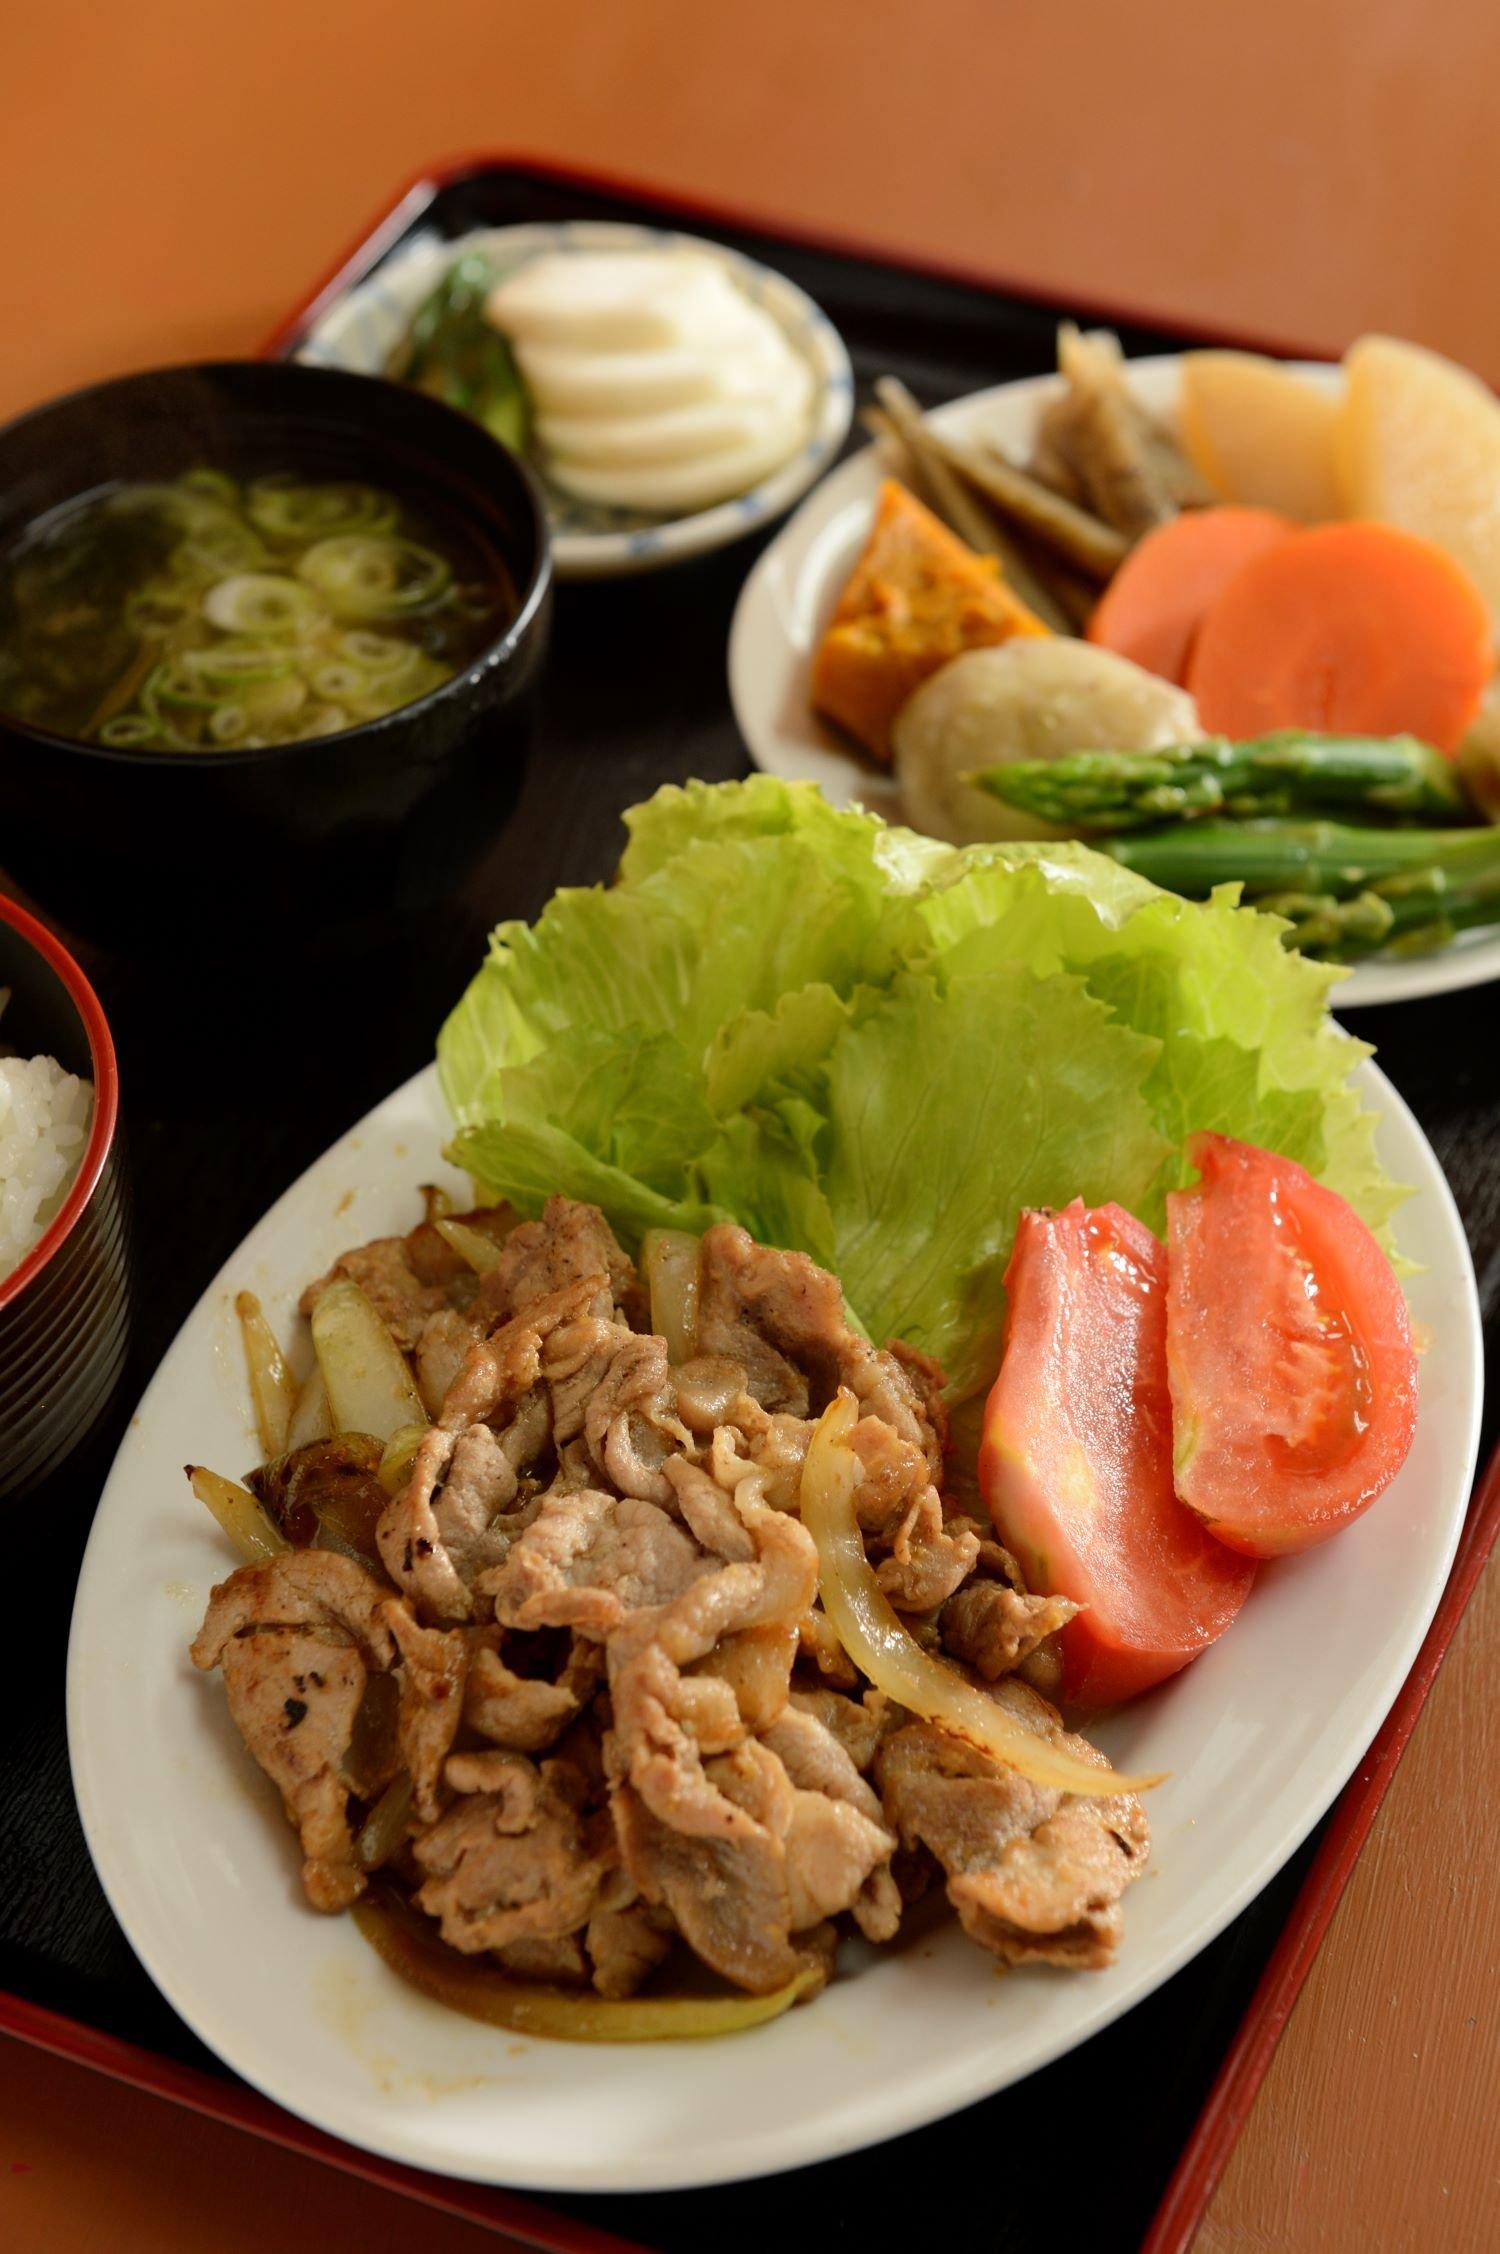 煮物付き定食700円の主菜は、しょうが焼きの他、煮物、焼魚から選べる。